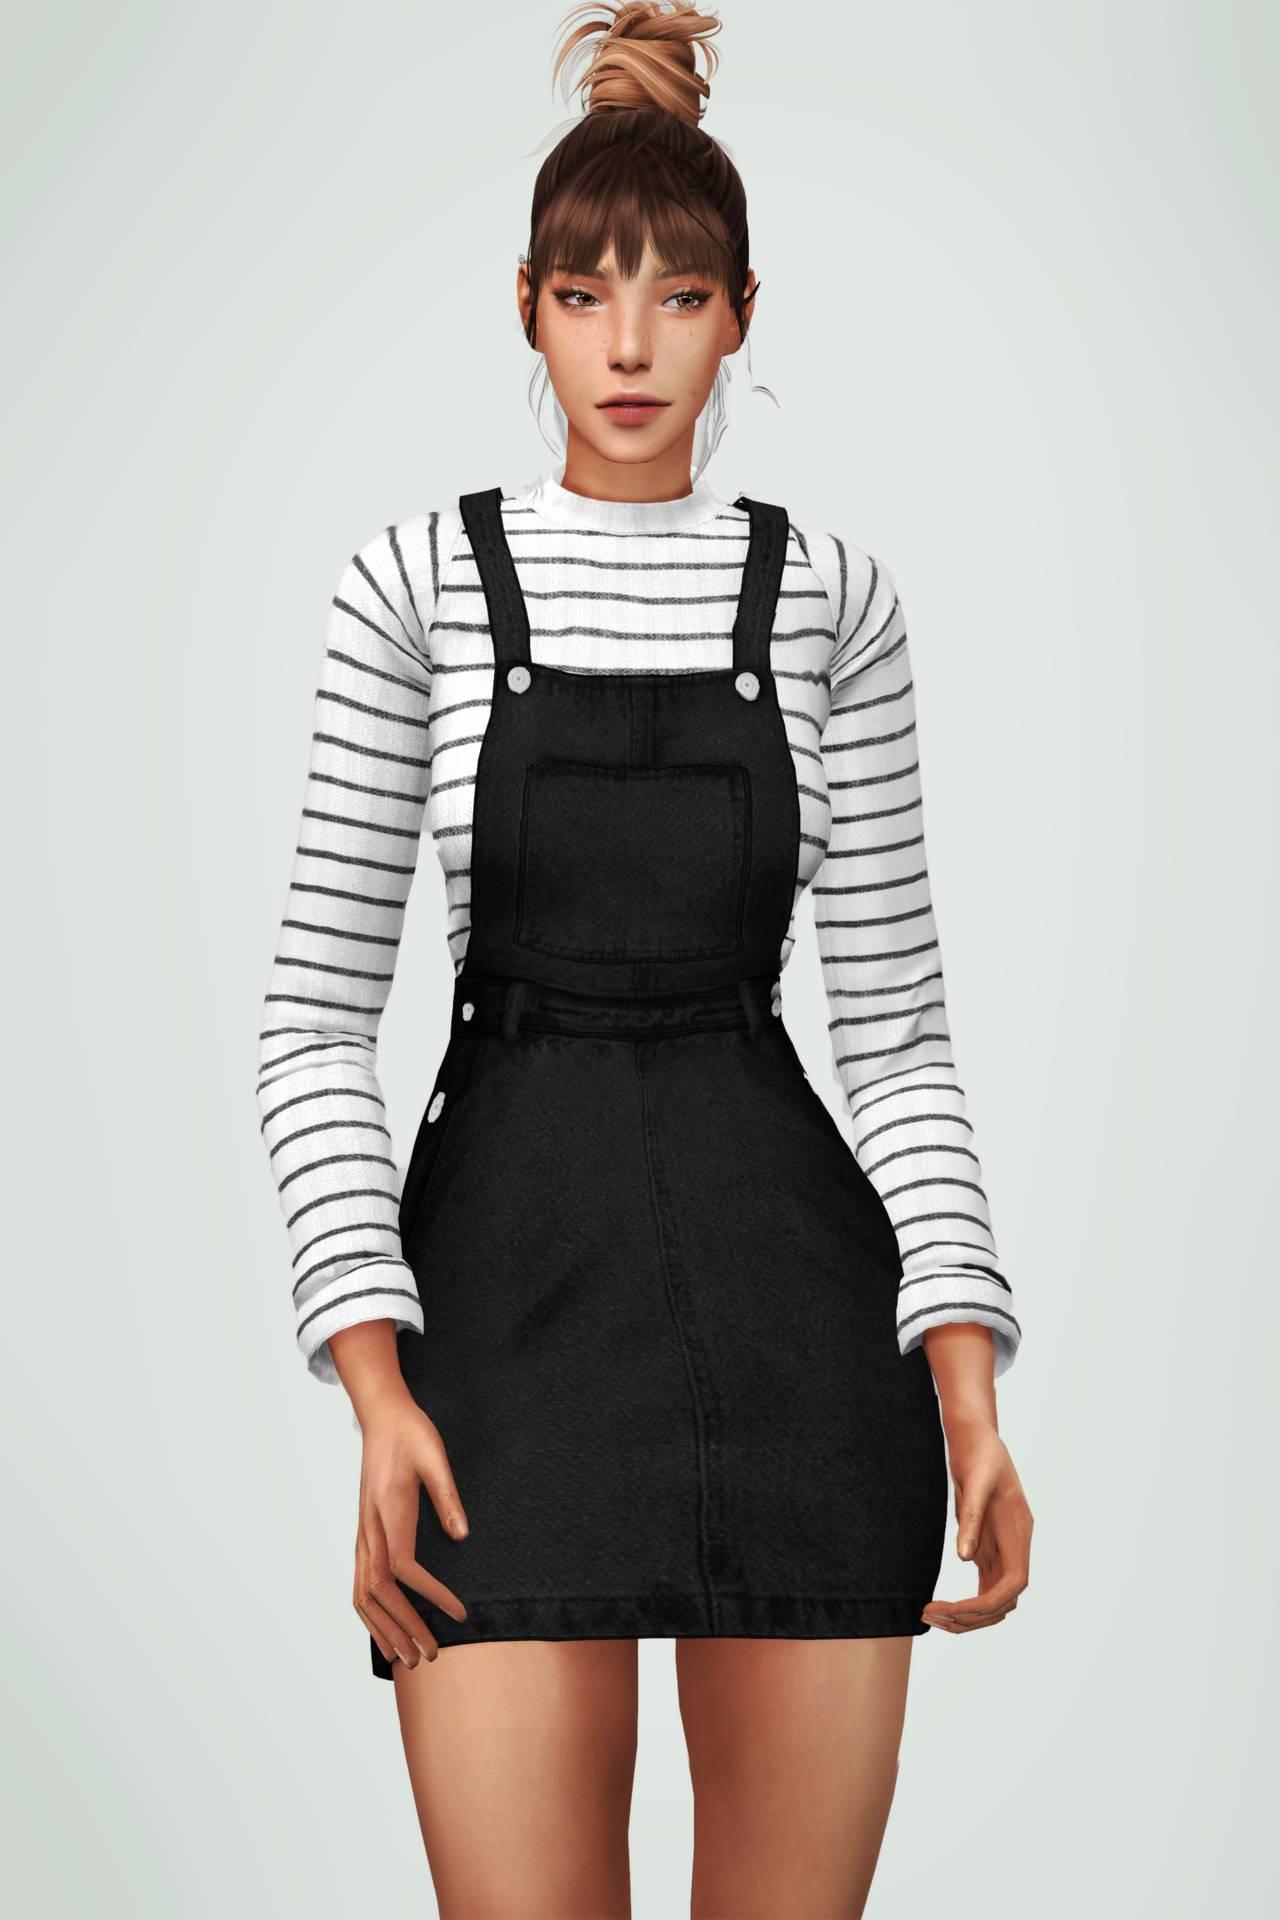 Сарафан и свитер - Sweater overall dress